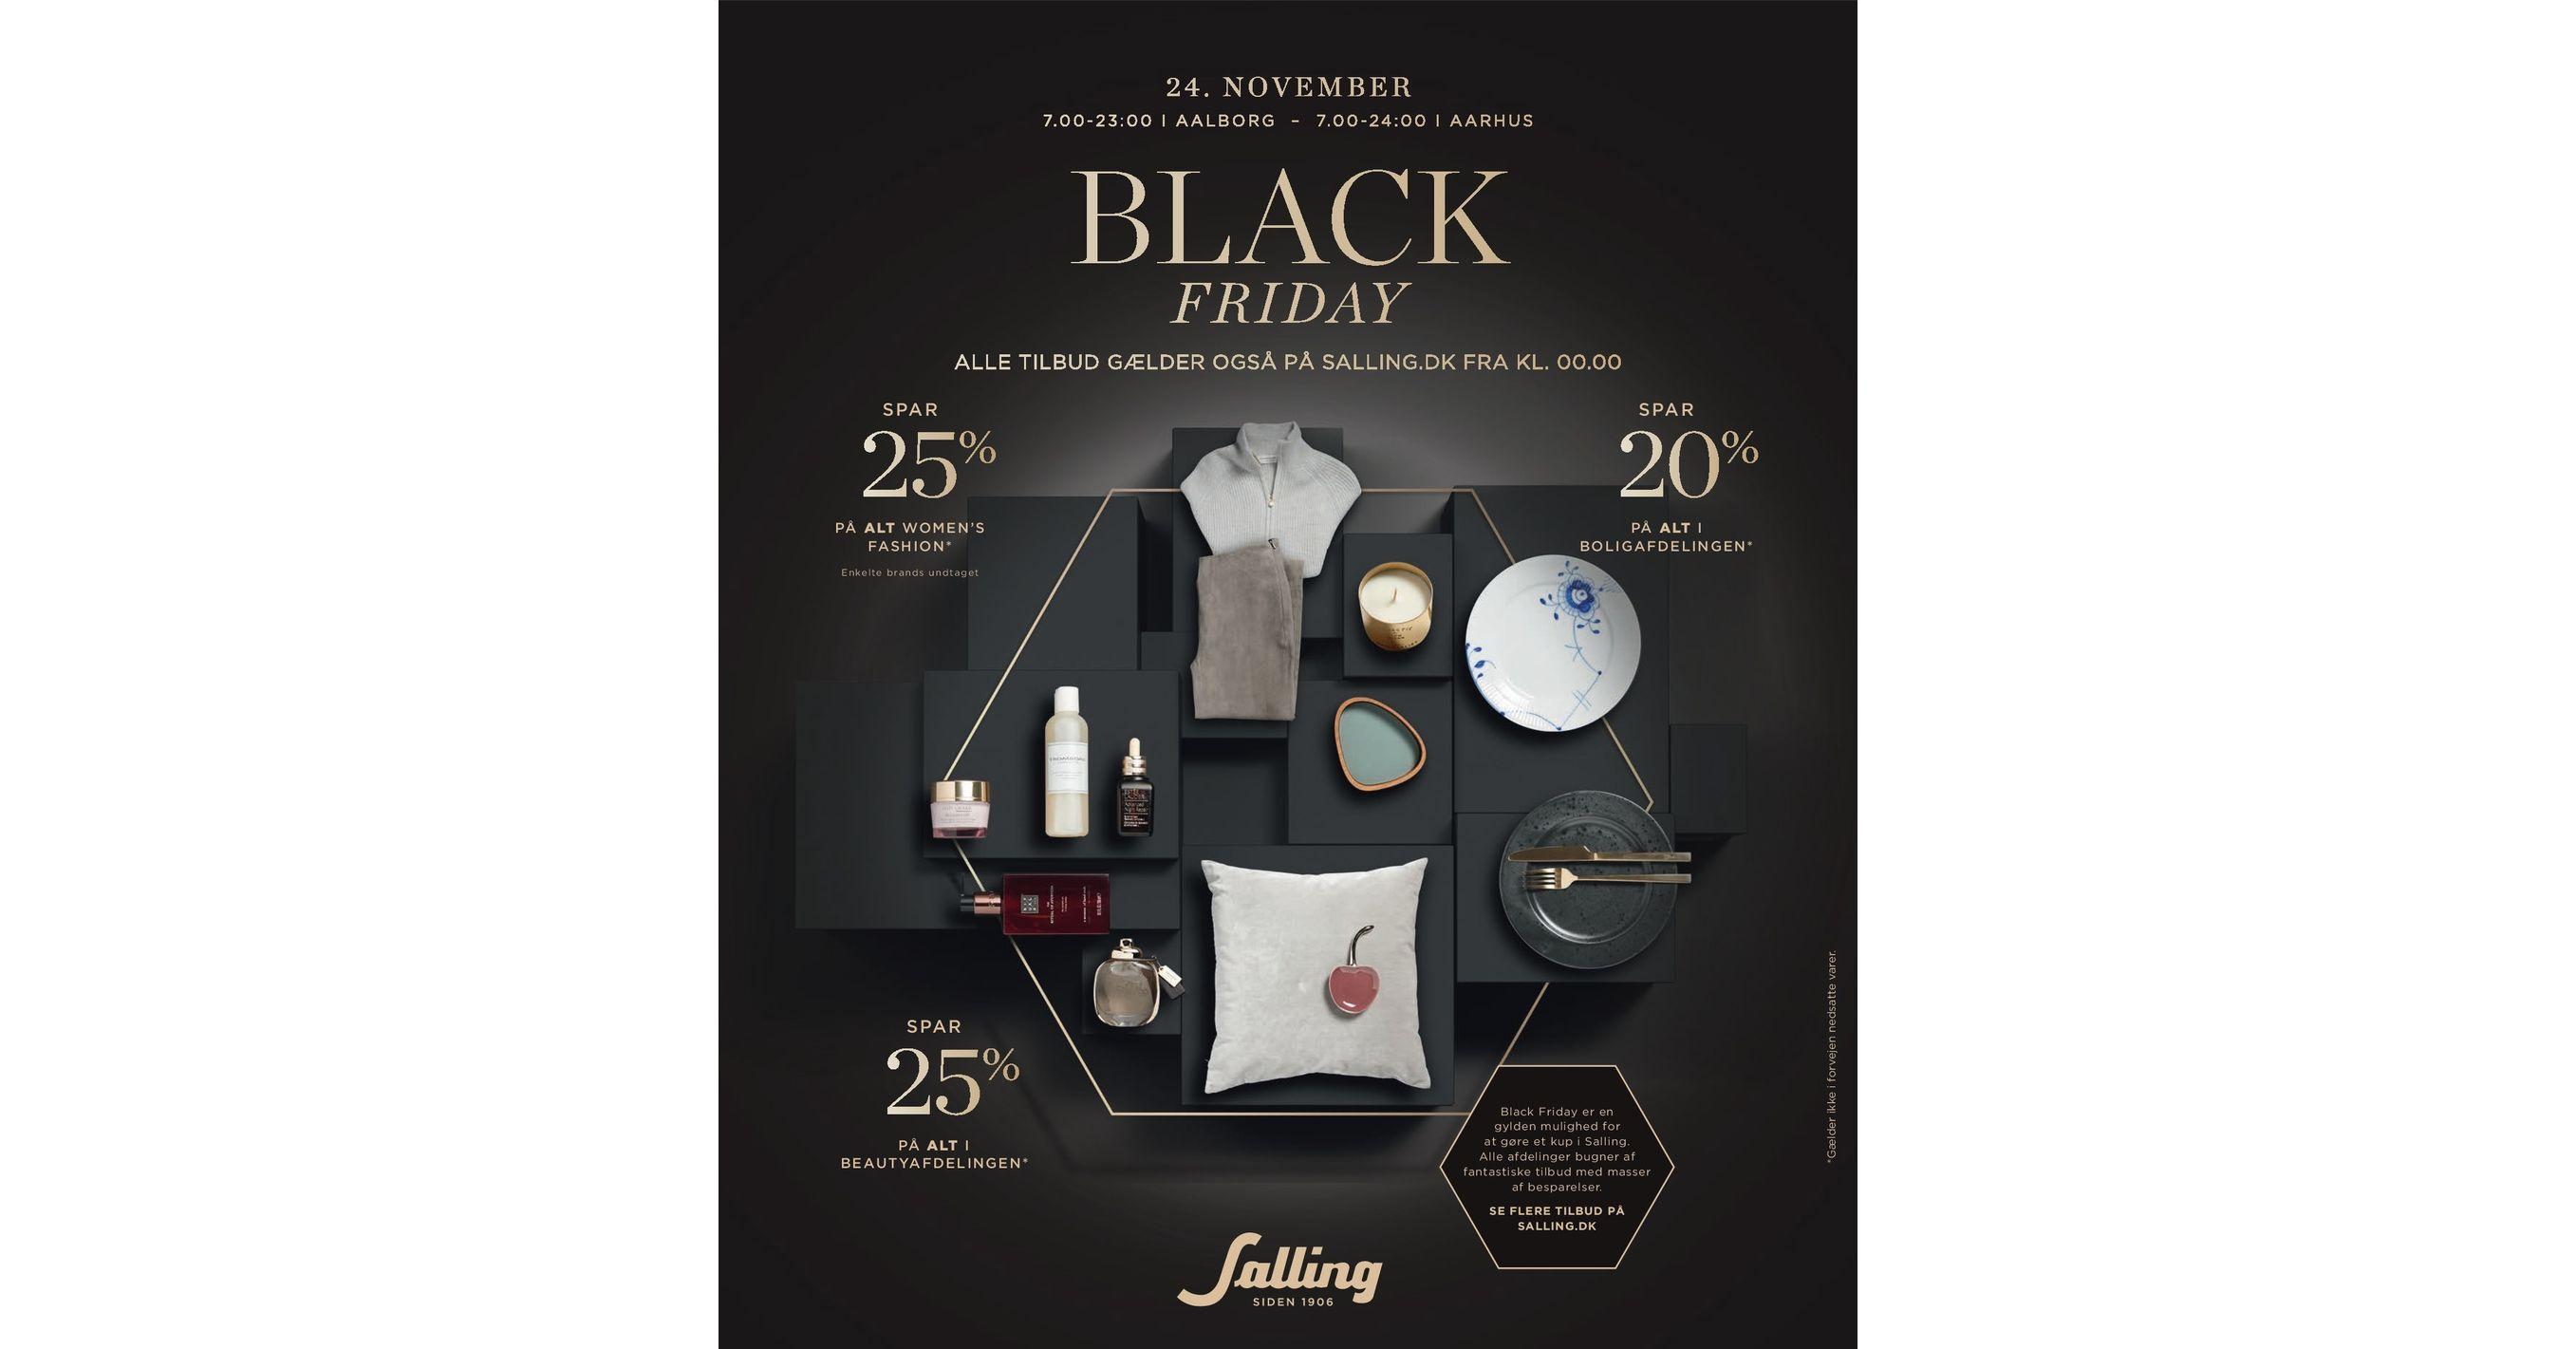 black friday tilbud aalborg